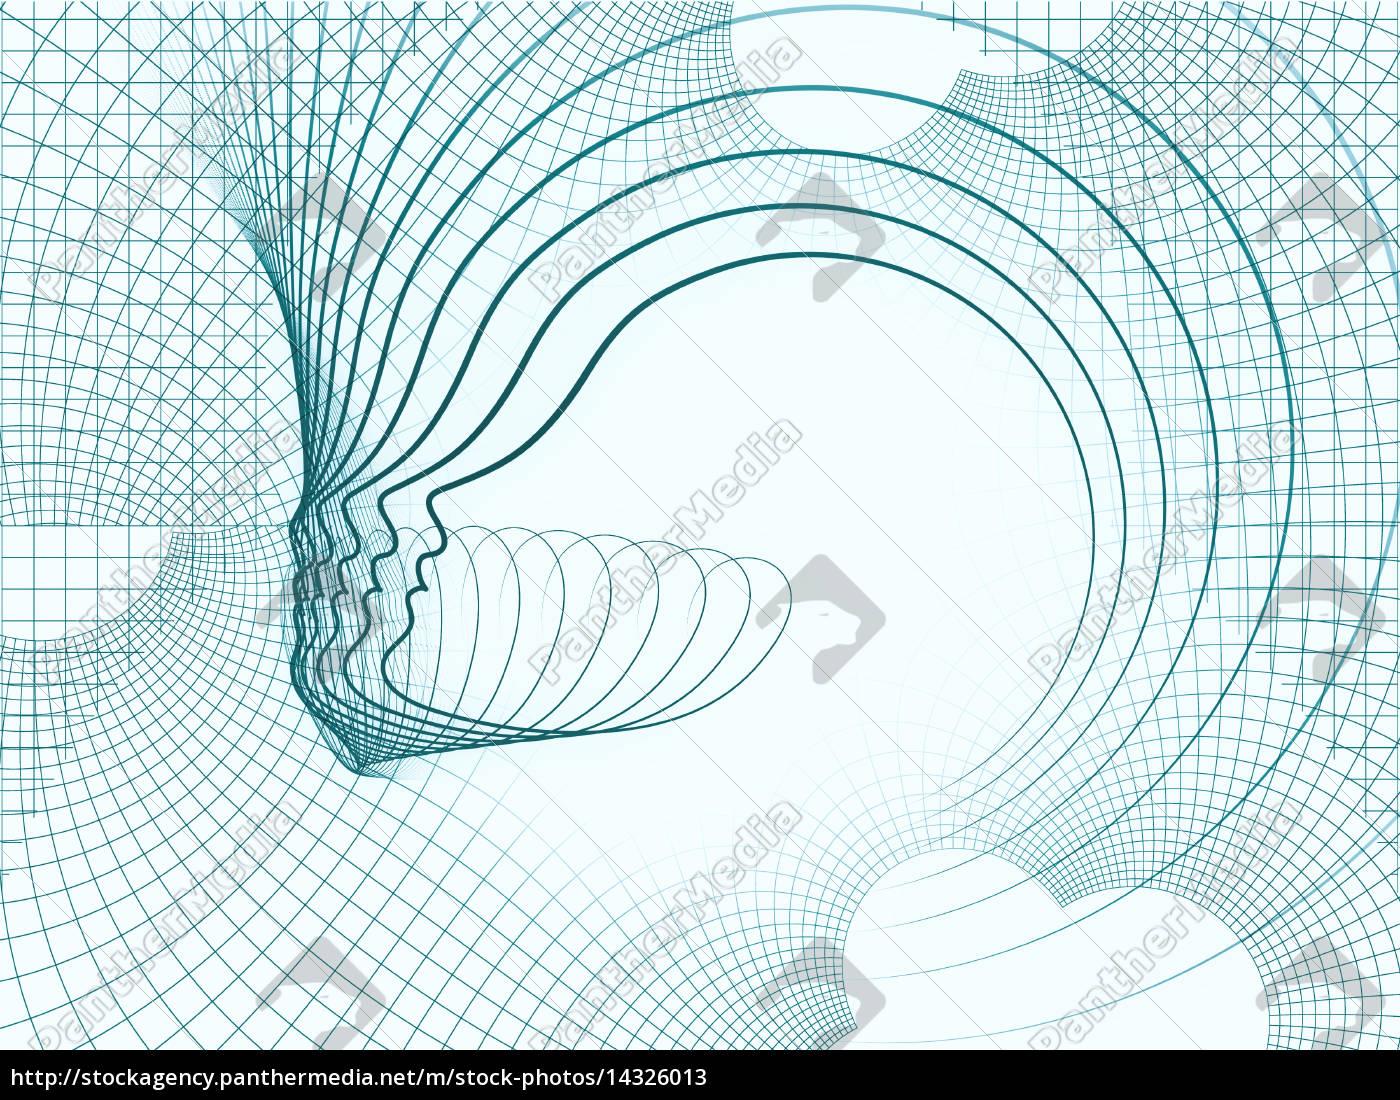 die, computer-seelengeometrie - 14326013